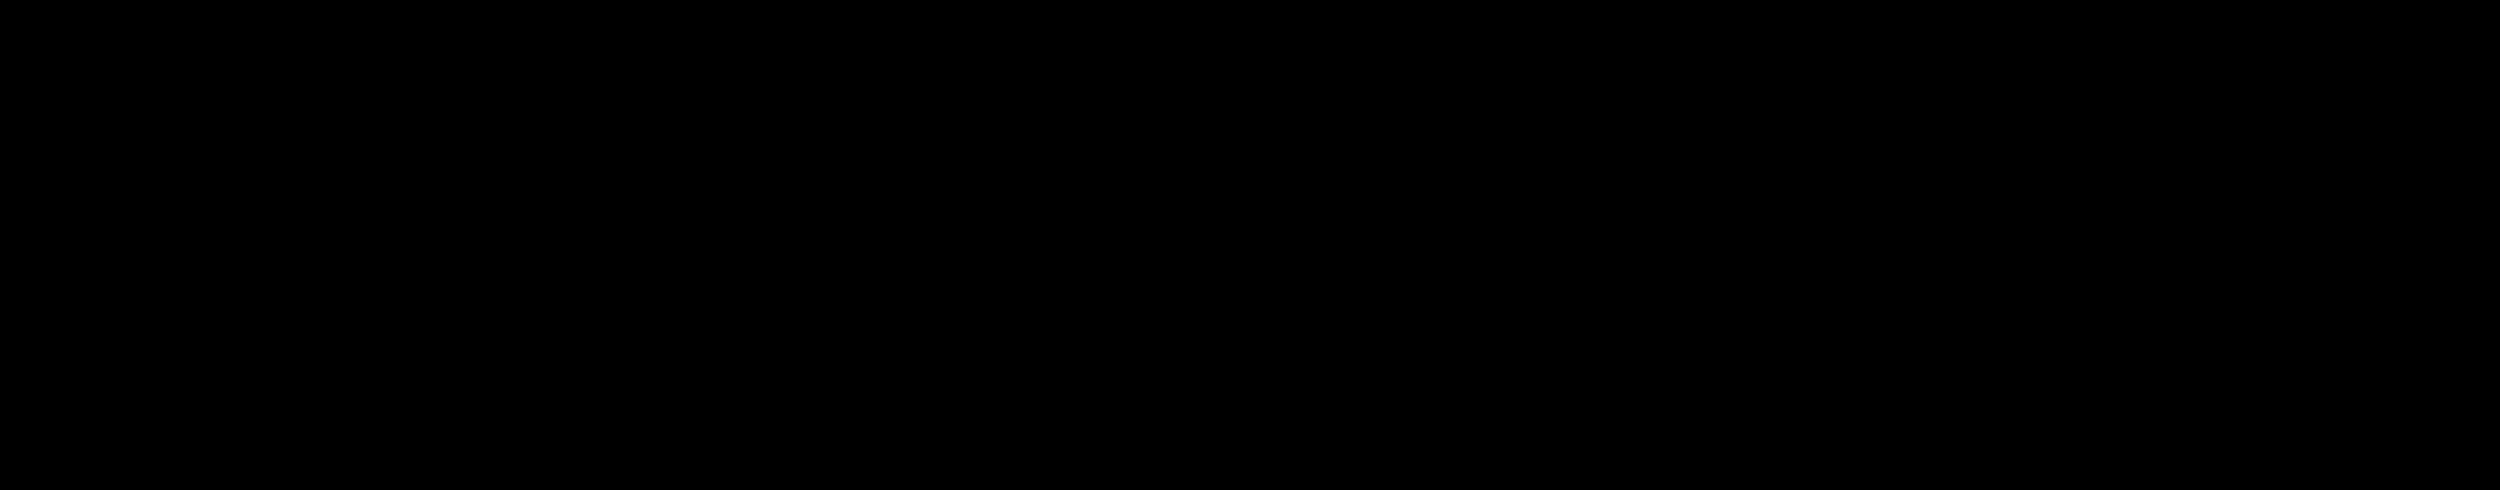 Logo-Compressed-Black.png